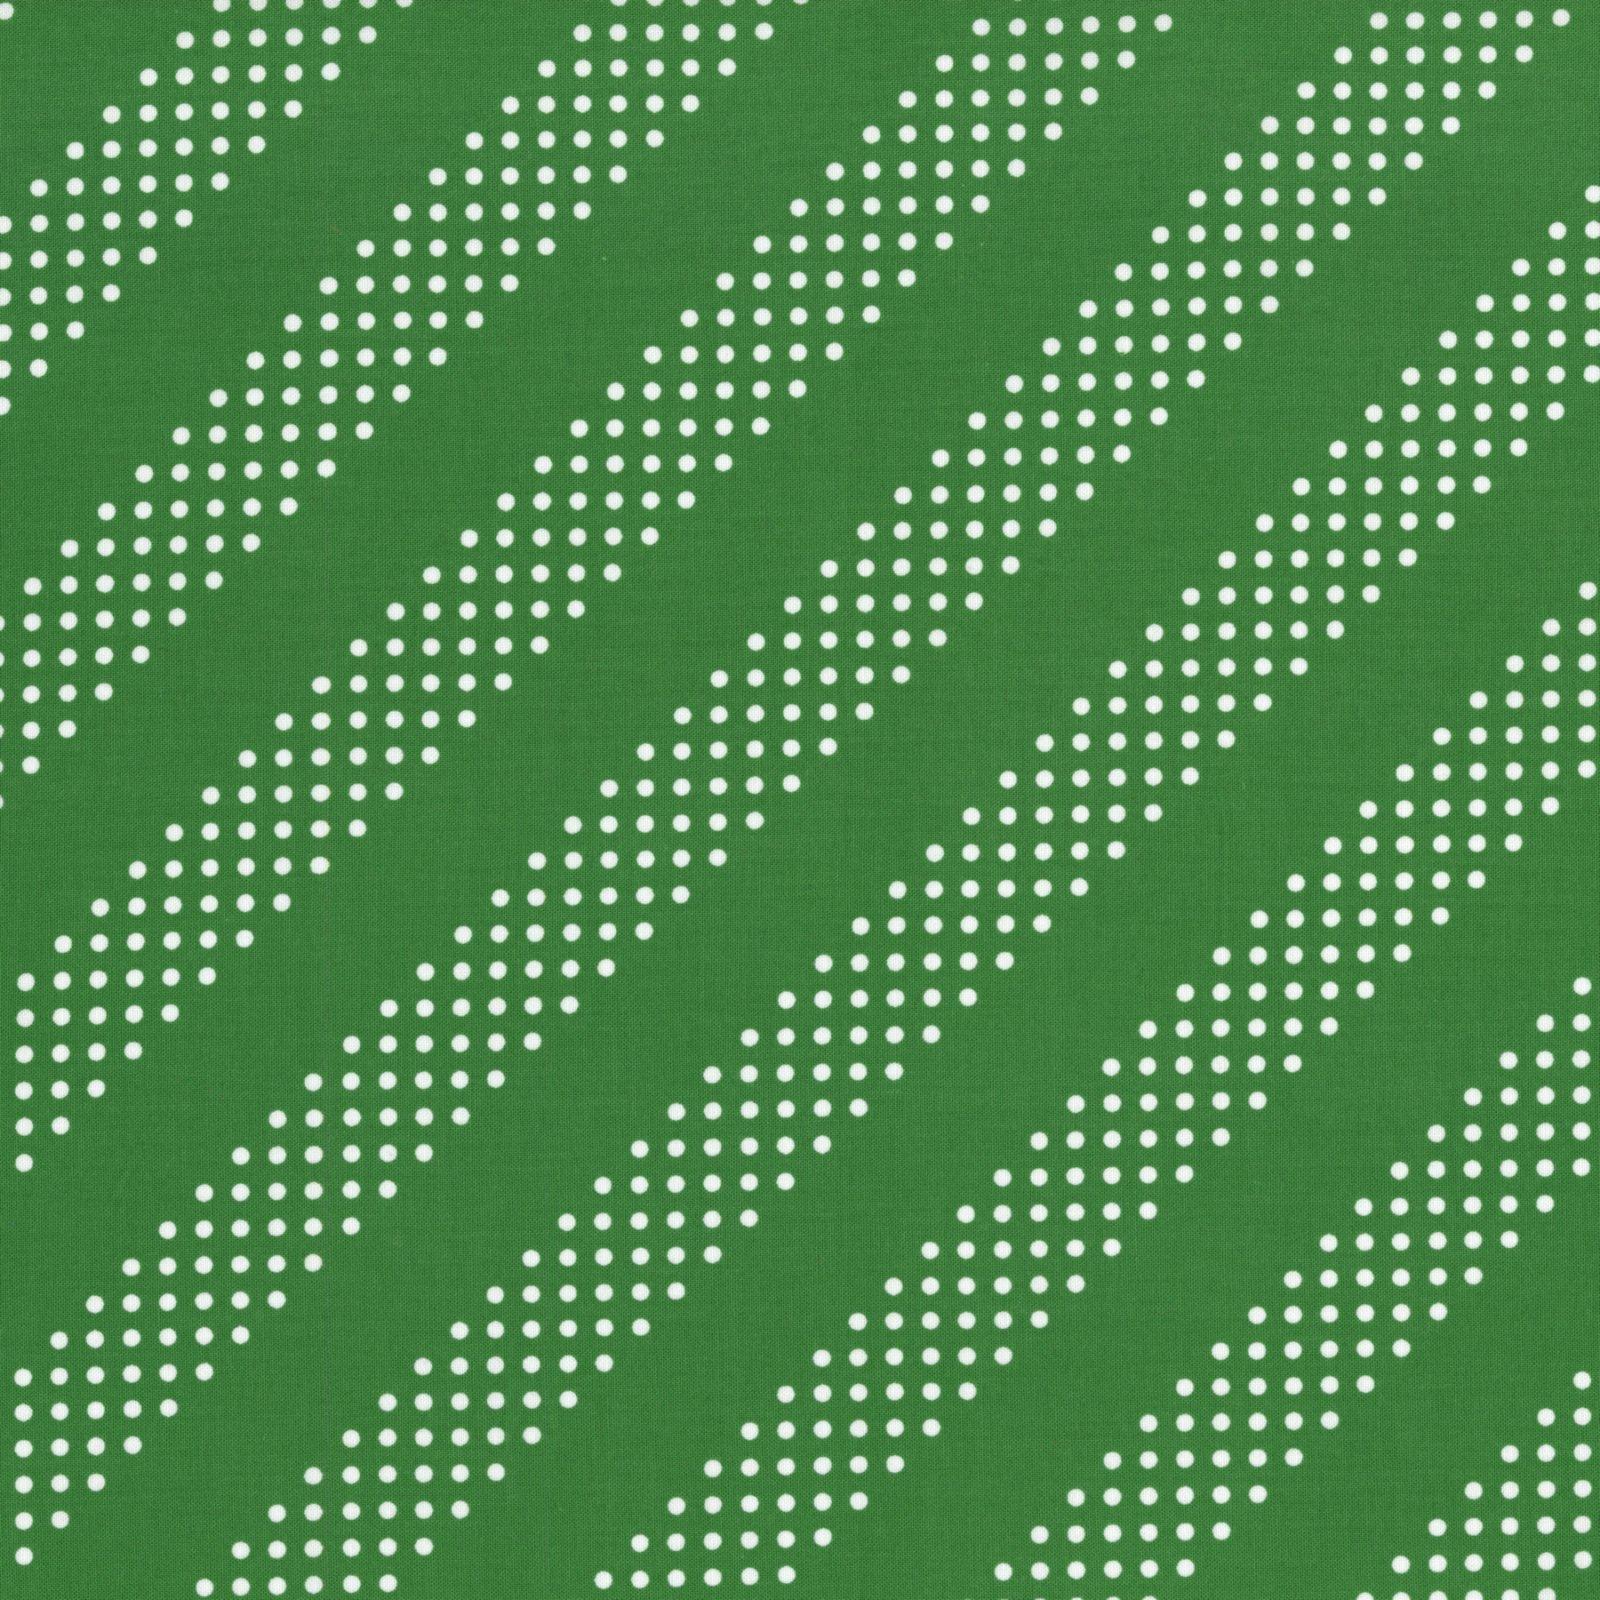 Cotton + Steel Basics - Dottie5002 9